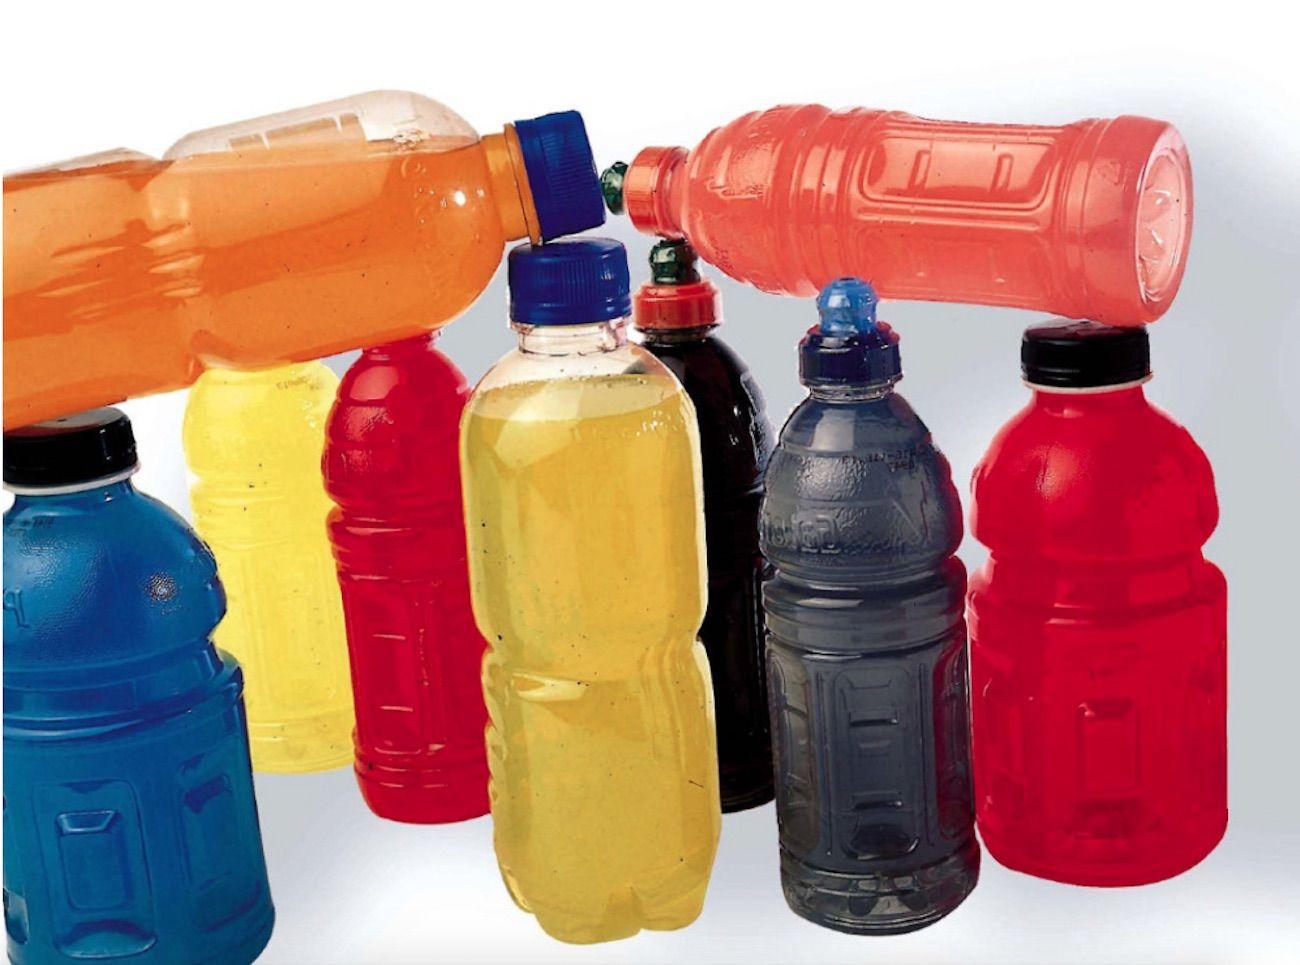 Muchos atletas en todas partes tienen a mano bebidas deportivas para calmar su sed y reponer carbohidratos. ¿Realmente funcionan? ¿Ayudan las bebidas deportivas y las bebidas energéticas a mejorar el desempeño, o simplemente agregan calorías vacías? ¿Son realmente las bebidas deportivas efectivas, o incluso apropiadas para el promedio de un gimnasio o para el deportista …